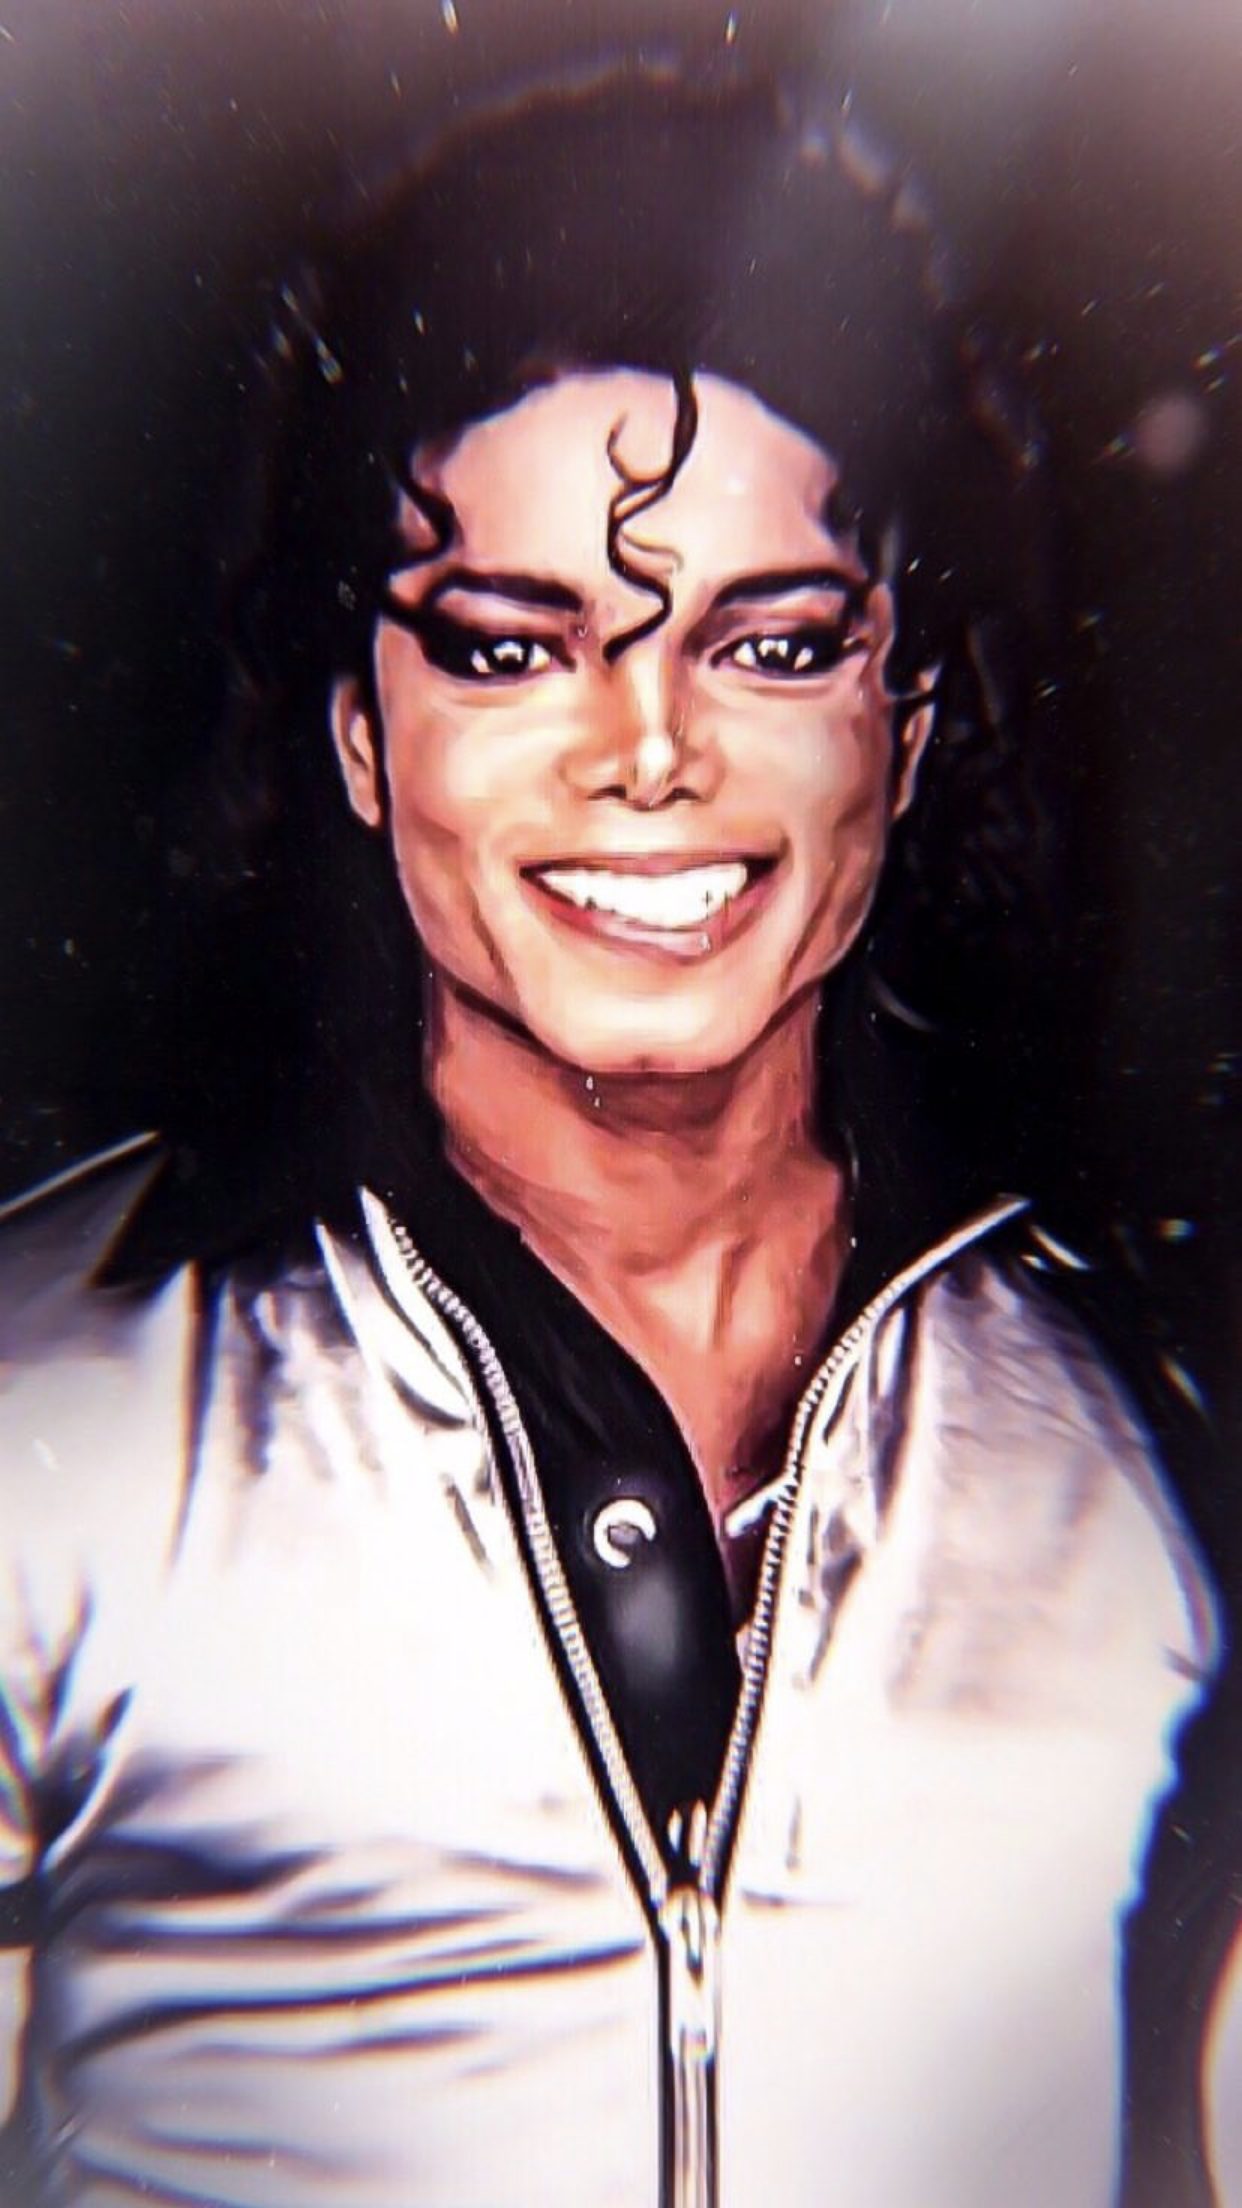 Bad Tour Wallpaper Michael Jackson Michael Jackson Wallpaper Michael Jackson Art Michael Jackson Images